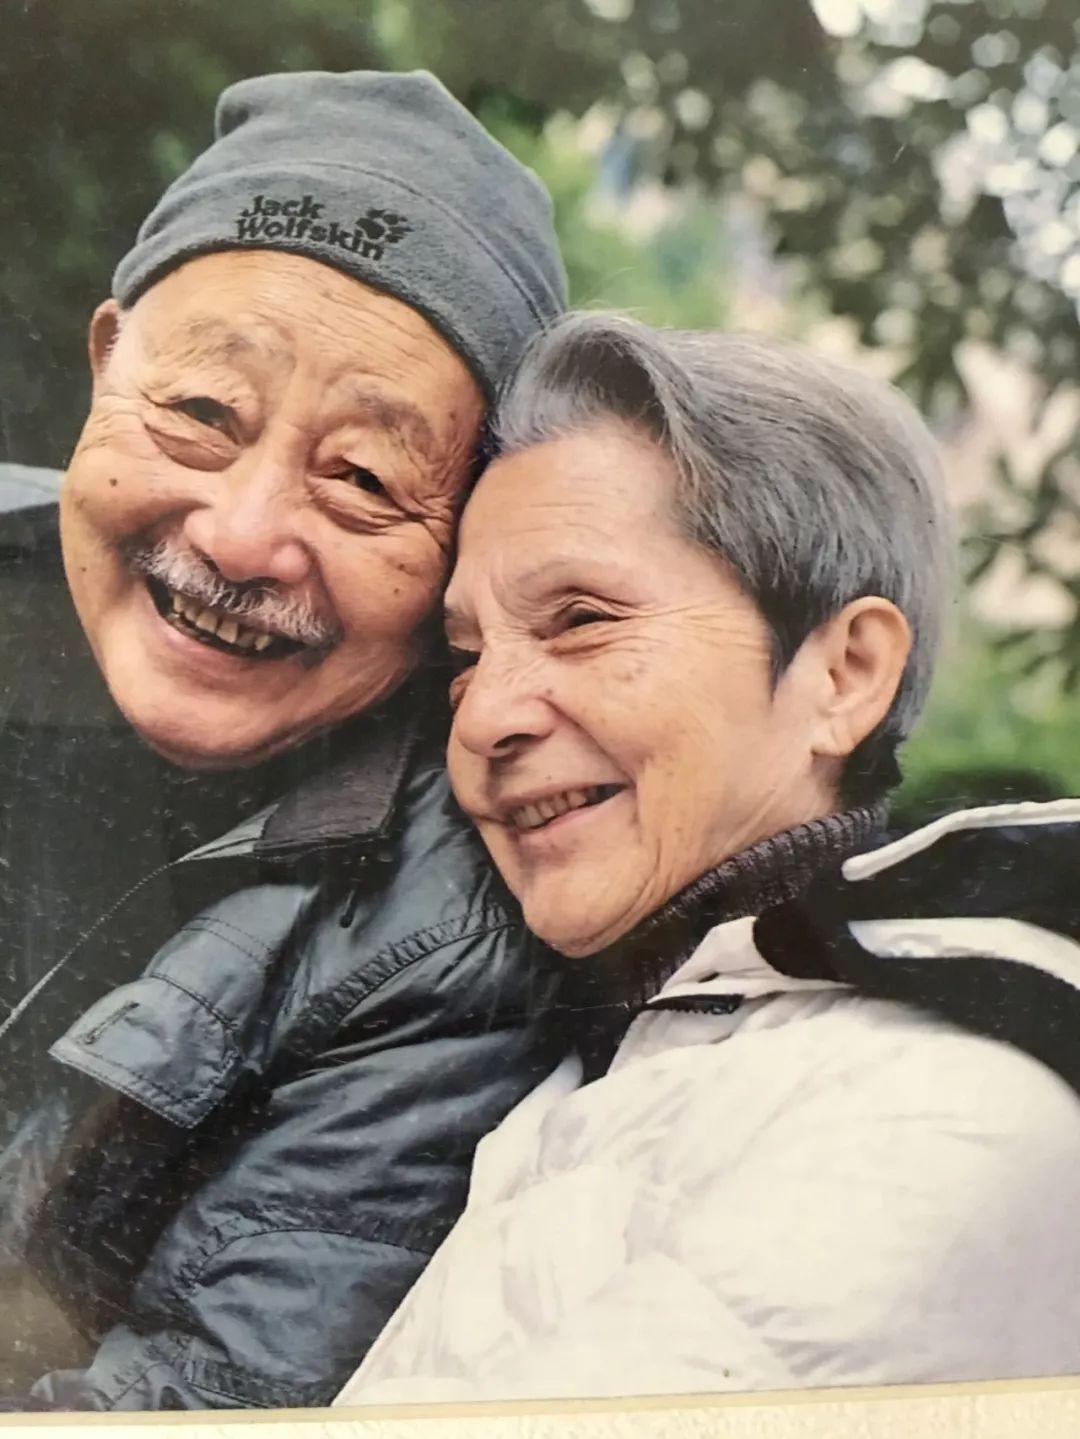 20多岁爱上他,83岁嫁给他……福建男子和法国女子的旷世之恋,打动无数人!